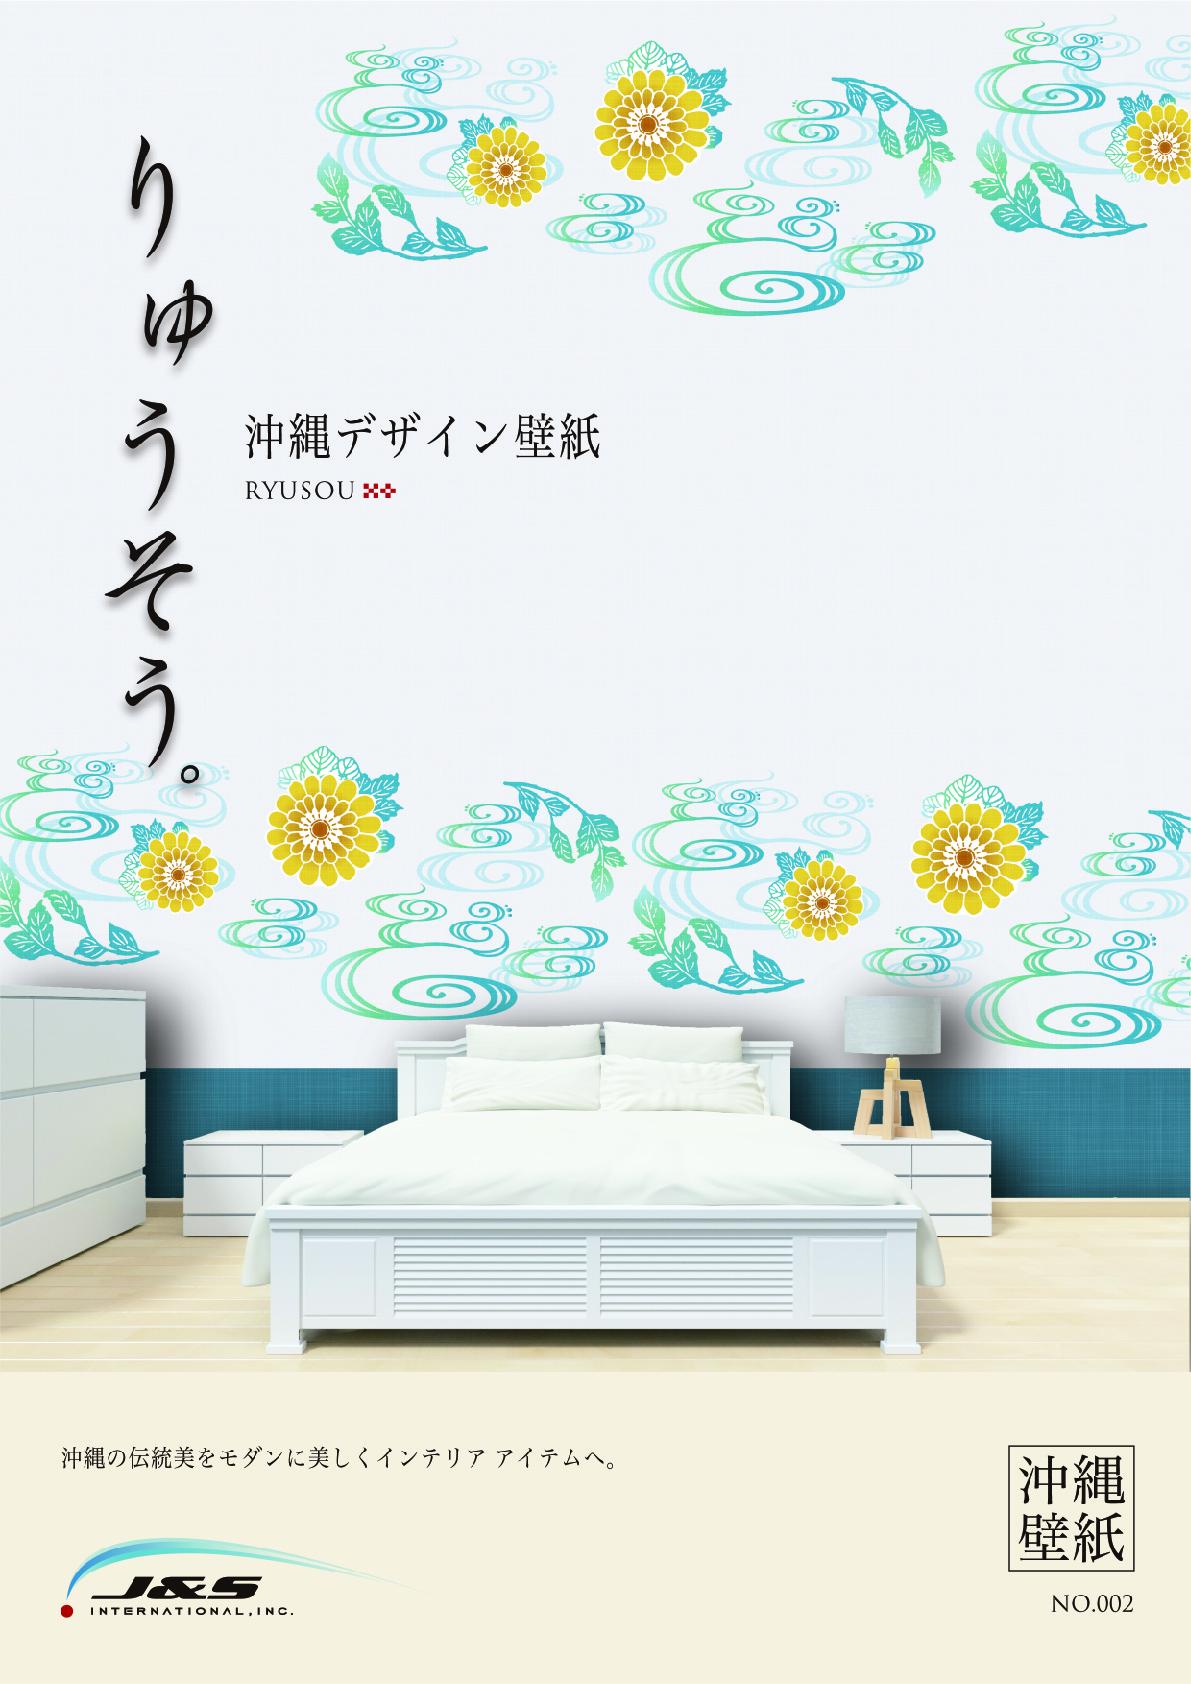 沖縄壁紙デザイン 株式会社ジェイアンドインターナショナル